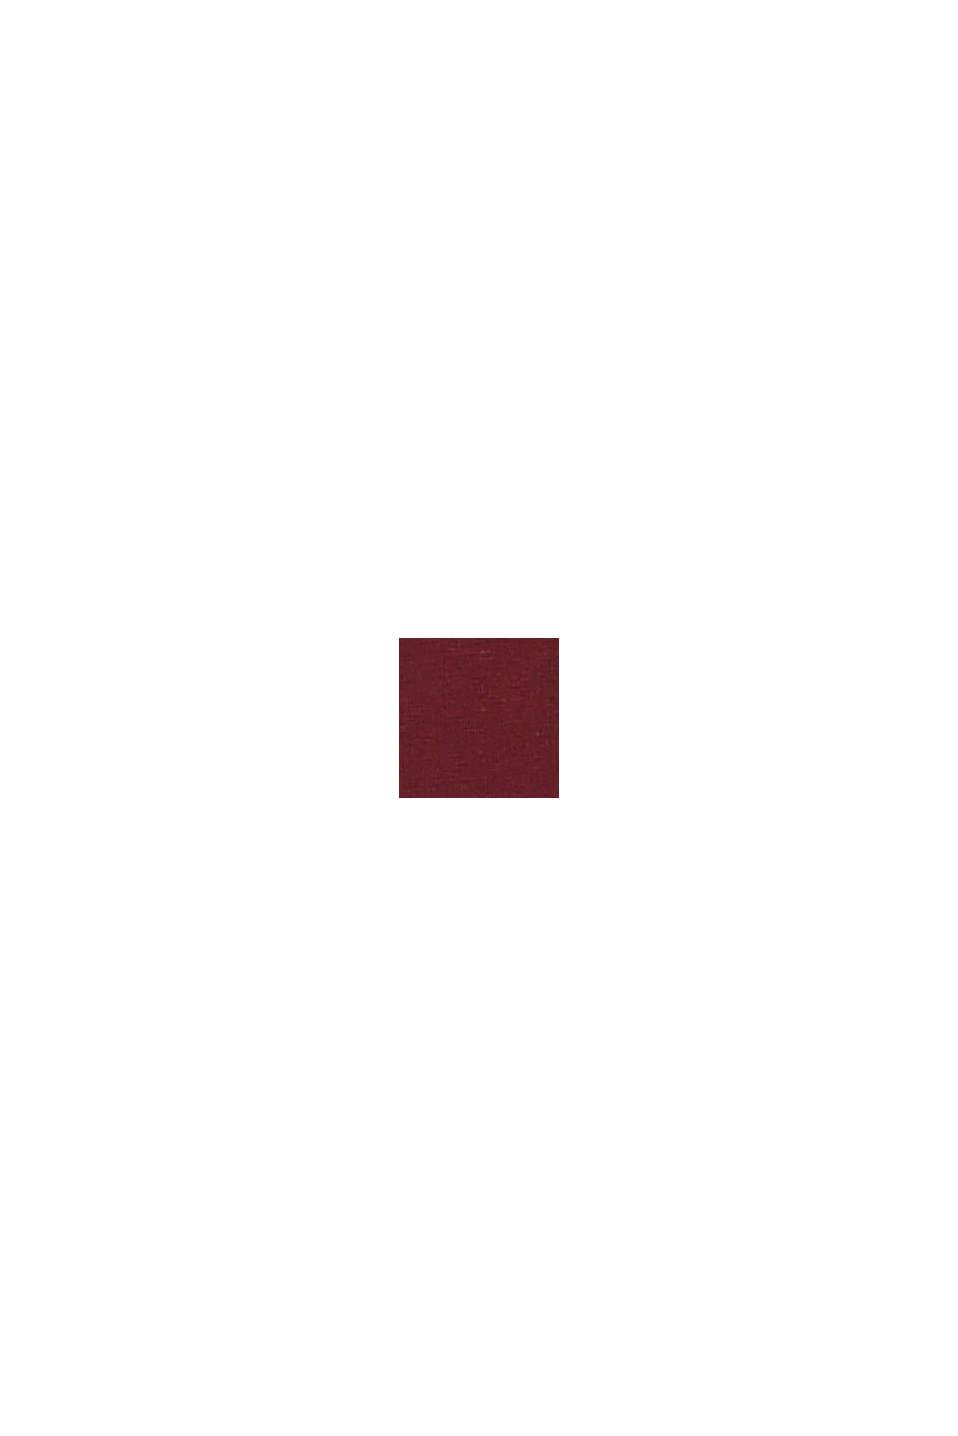 CURVY T-shirt van biologisch katoen/TENCEL™, BORDEAUX RED, swatch